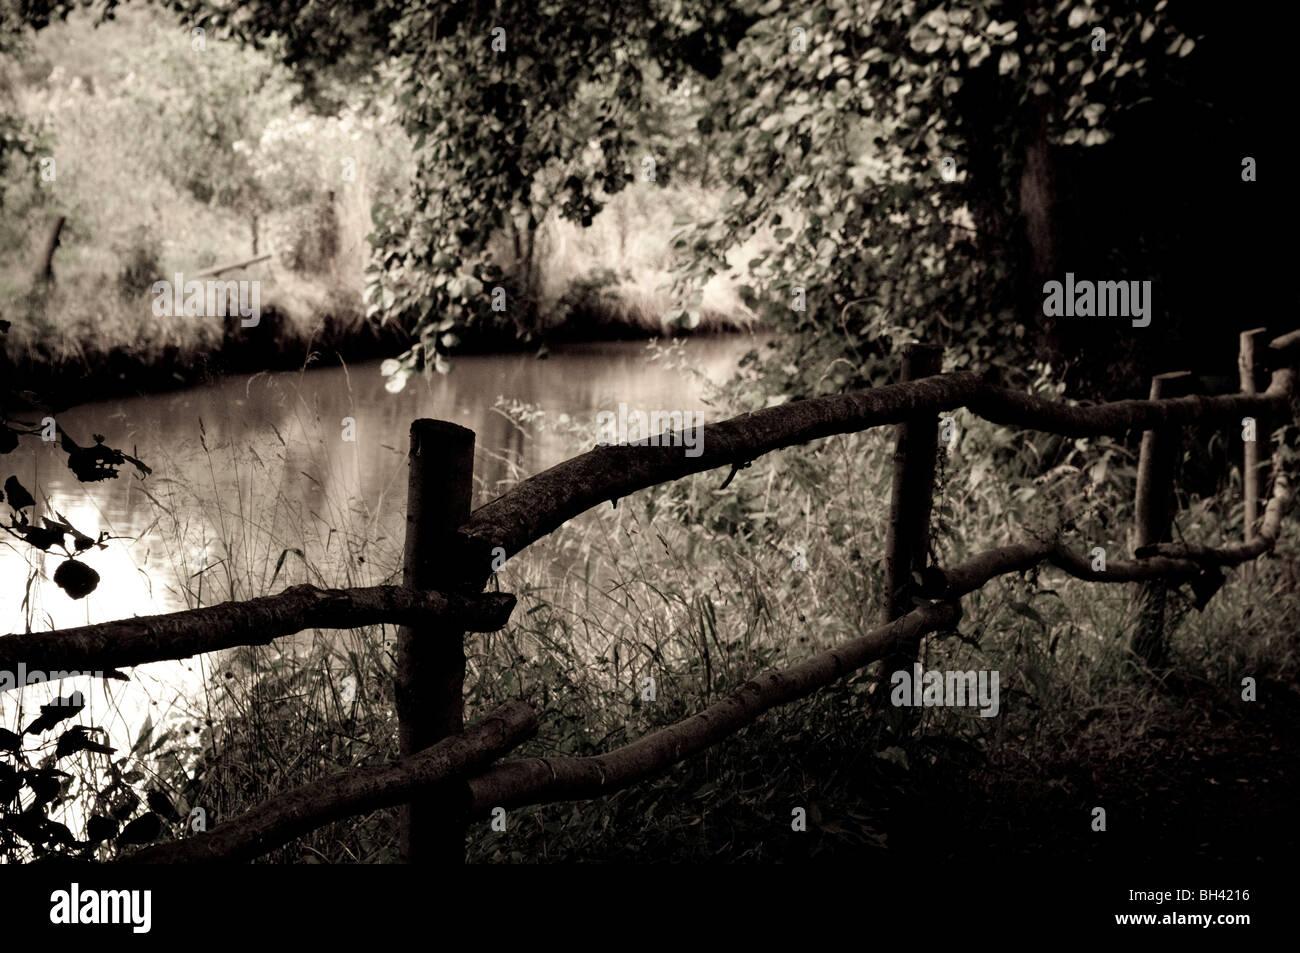 Enchanted Forest, Groombridge, Kent, UK - Stock Image